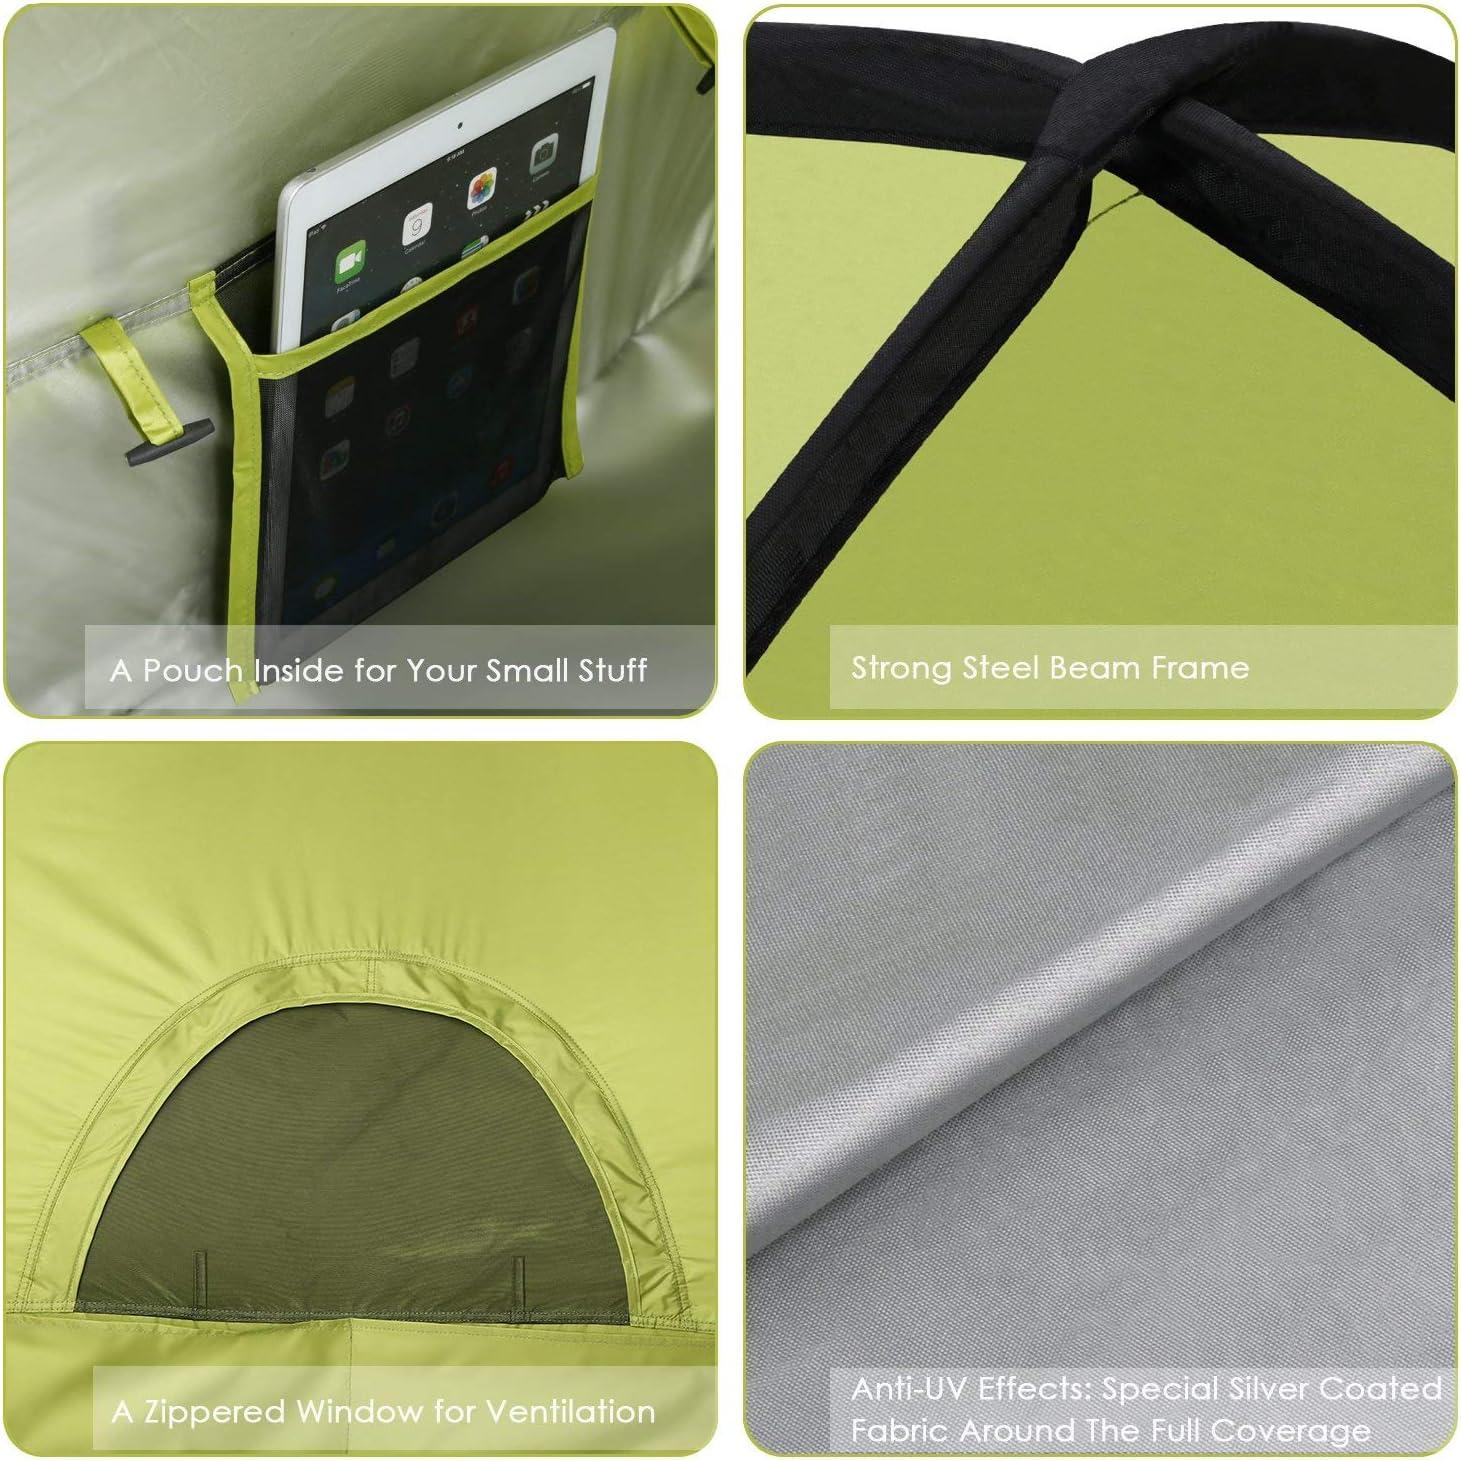 2 ou 3 Personnes Abri de Plage Portable Escamotable avec UPF50 Anti UV Chevilles pour Fixation et Sac de Transport pour Camping Inclus INTEY Tente de Plage en Forme Coquillage Bleu ou Jaune